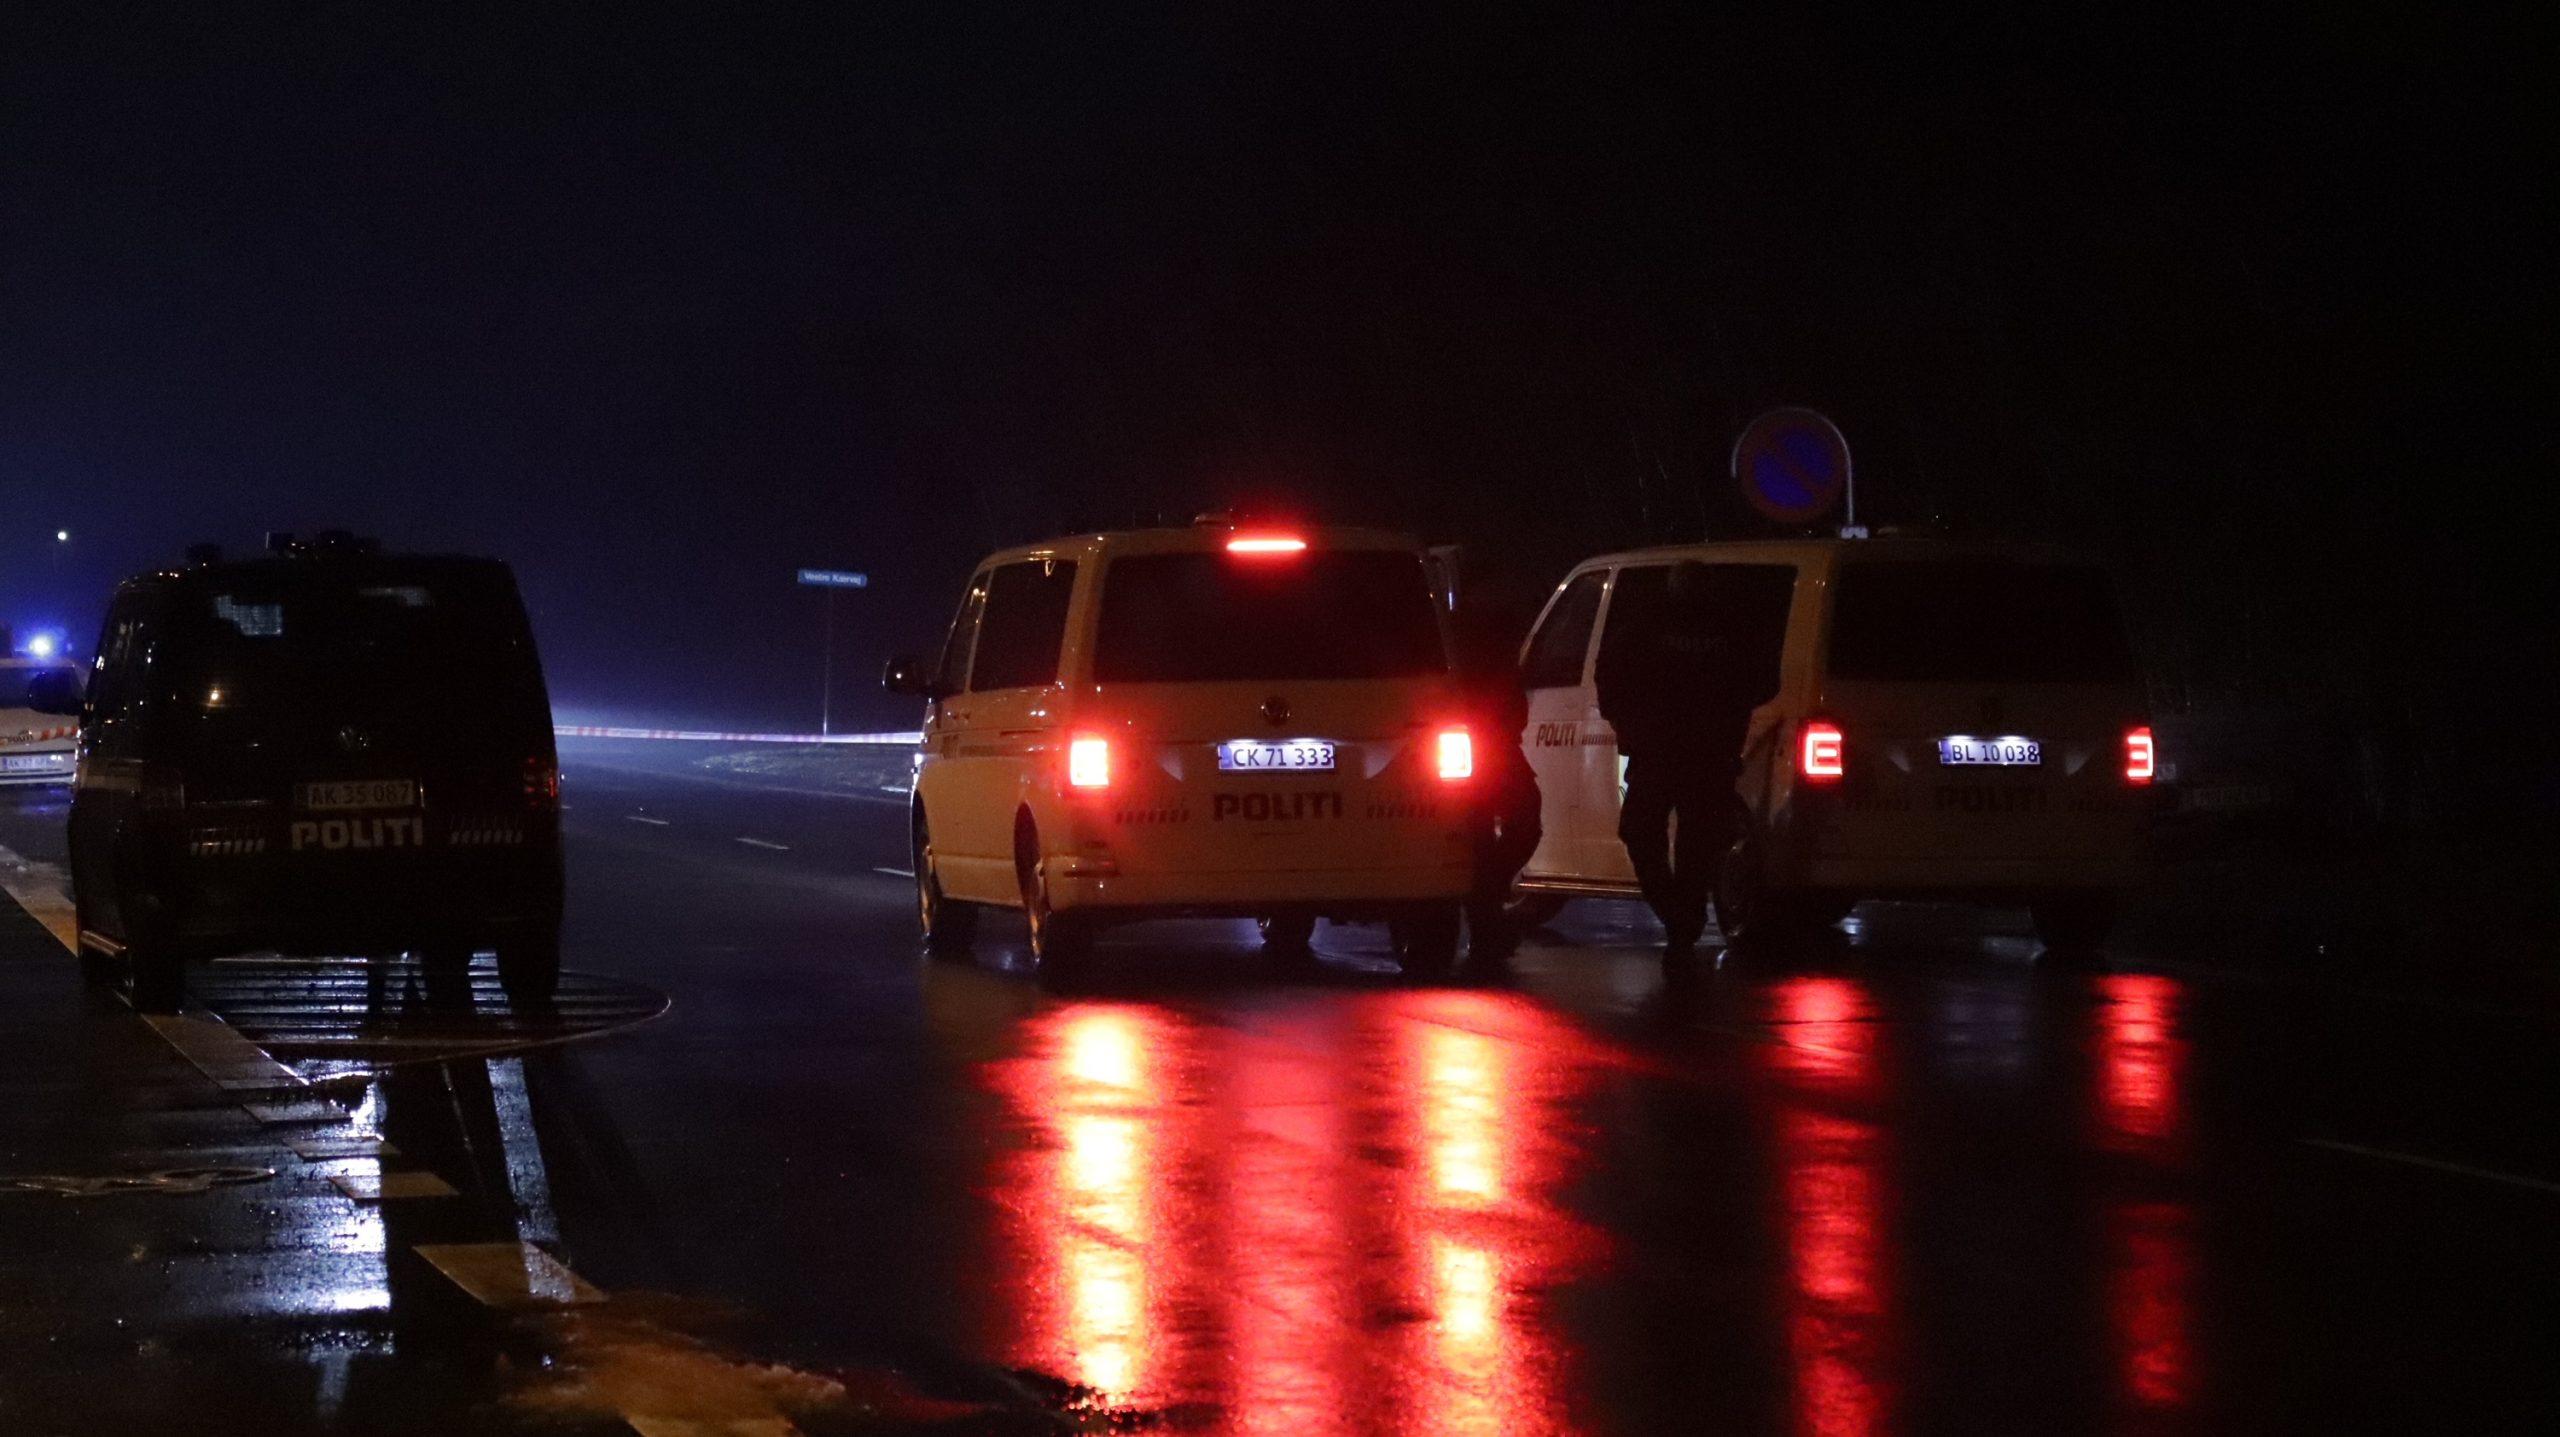 Efter stor politiaktion i Aalborg i aftes: Melder ud om drama